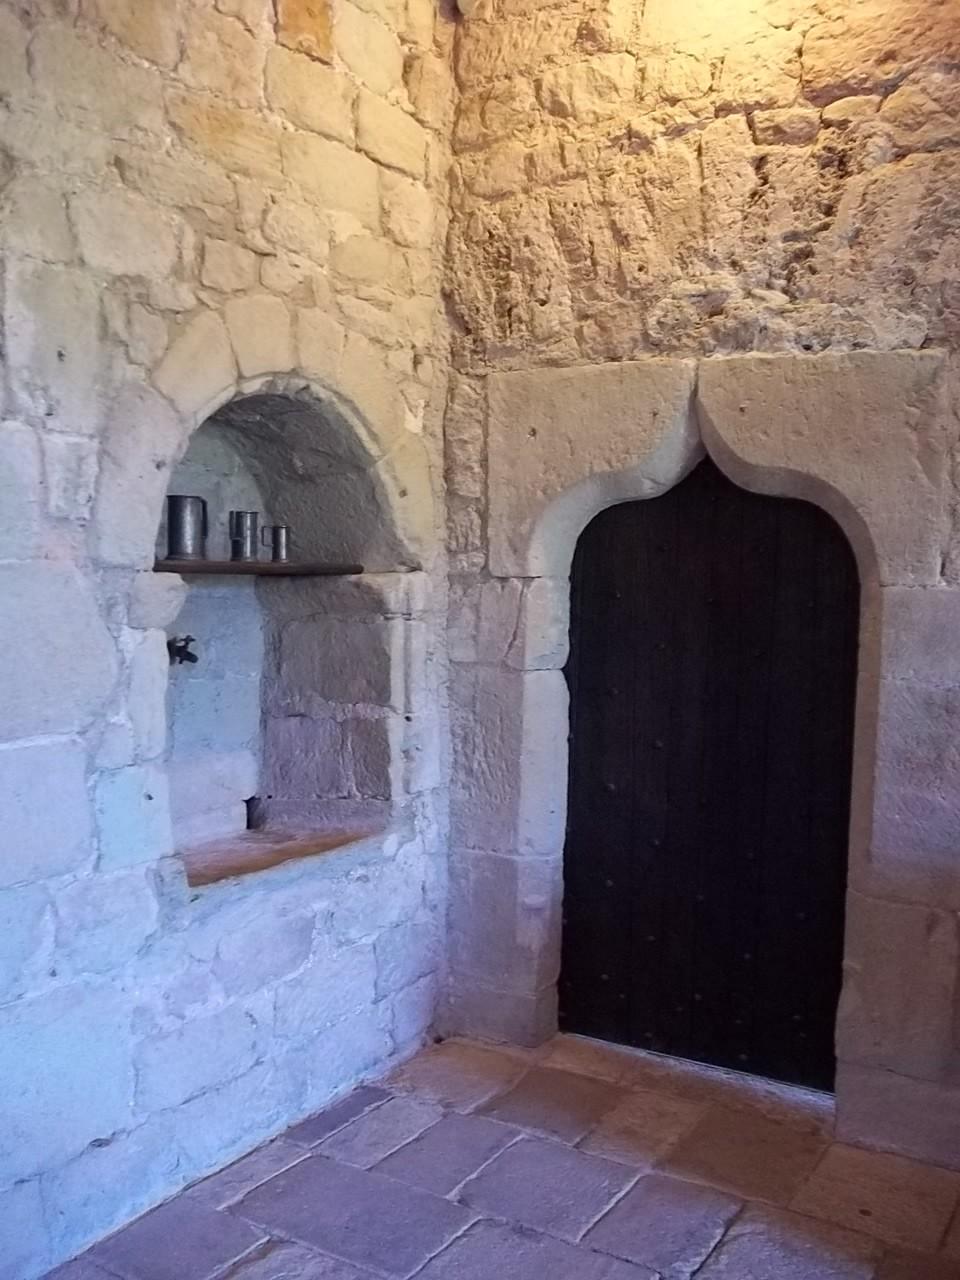 Waschbecken und gothische Tür